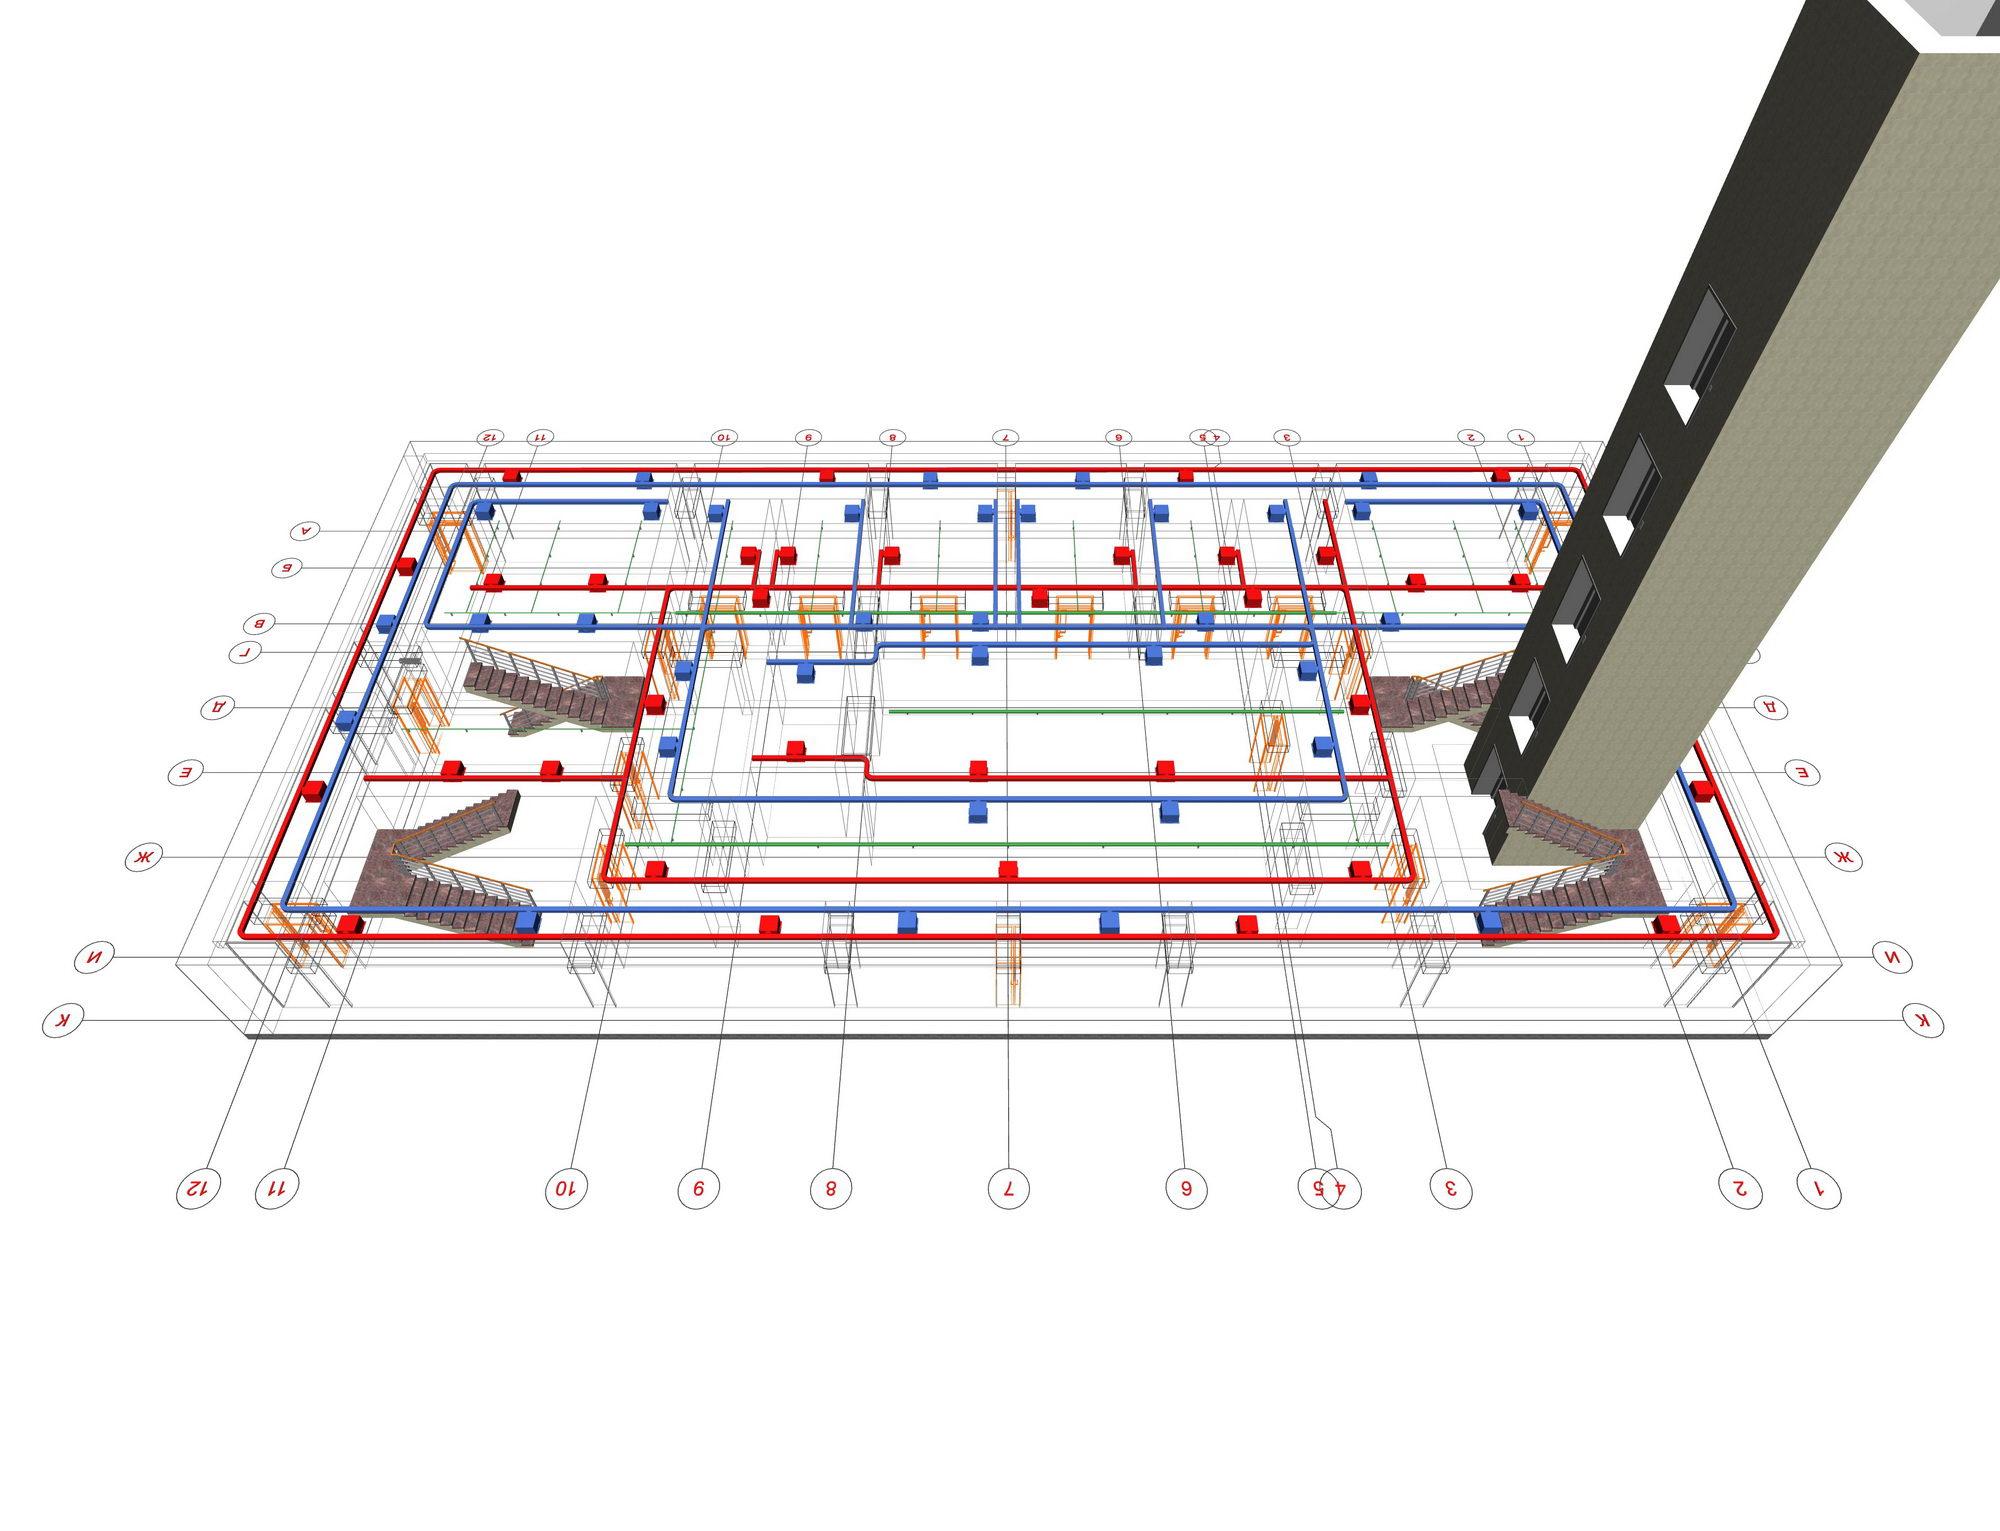 В проекте на спринклерную системы пожаротушения обязательно включаются схемы размешения оборудования, спринклеров, трубопроводов.